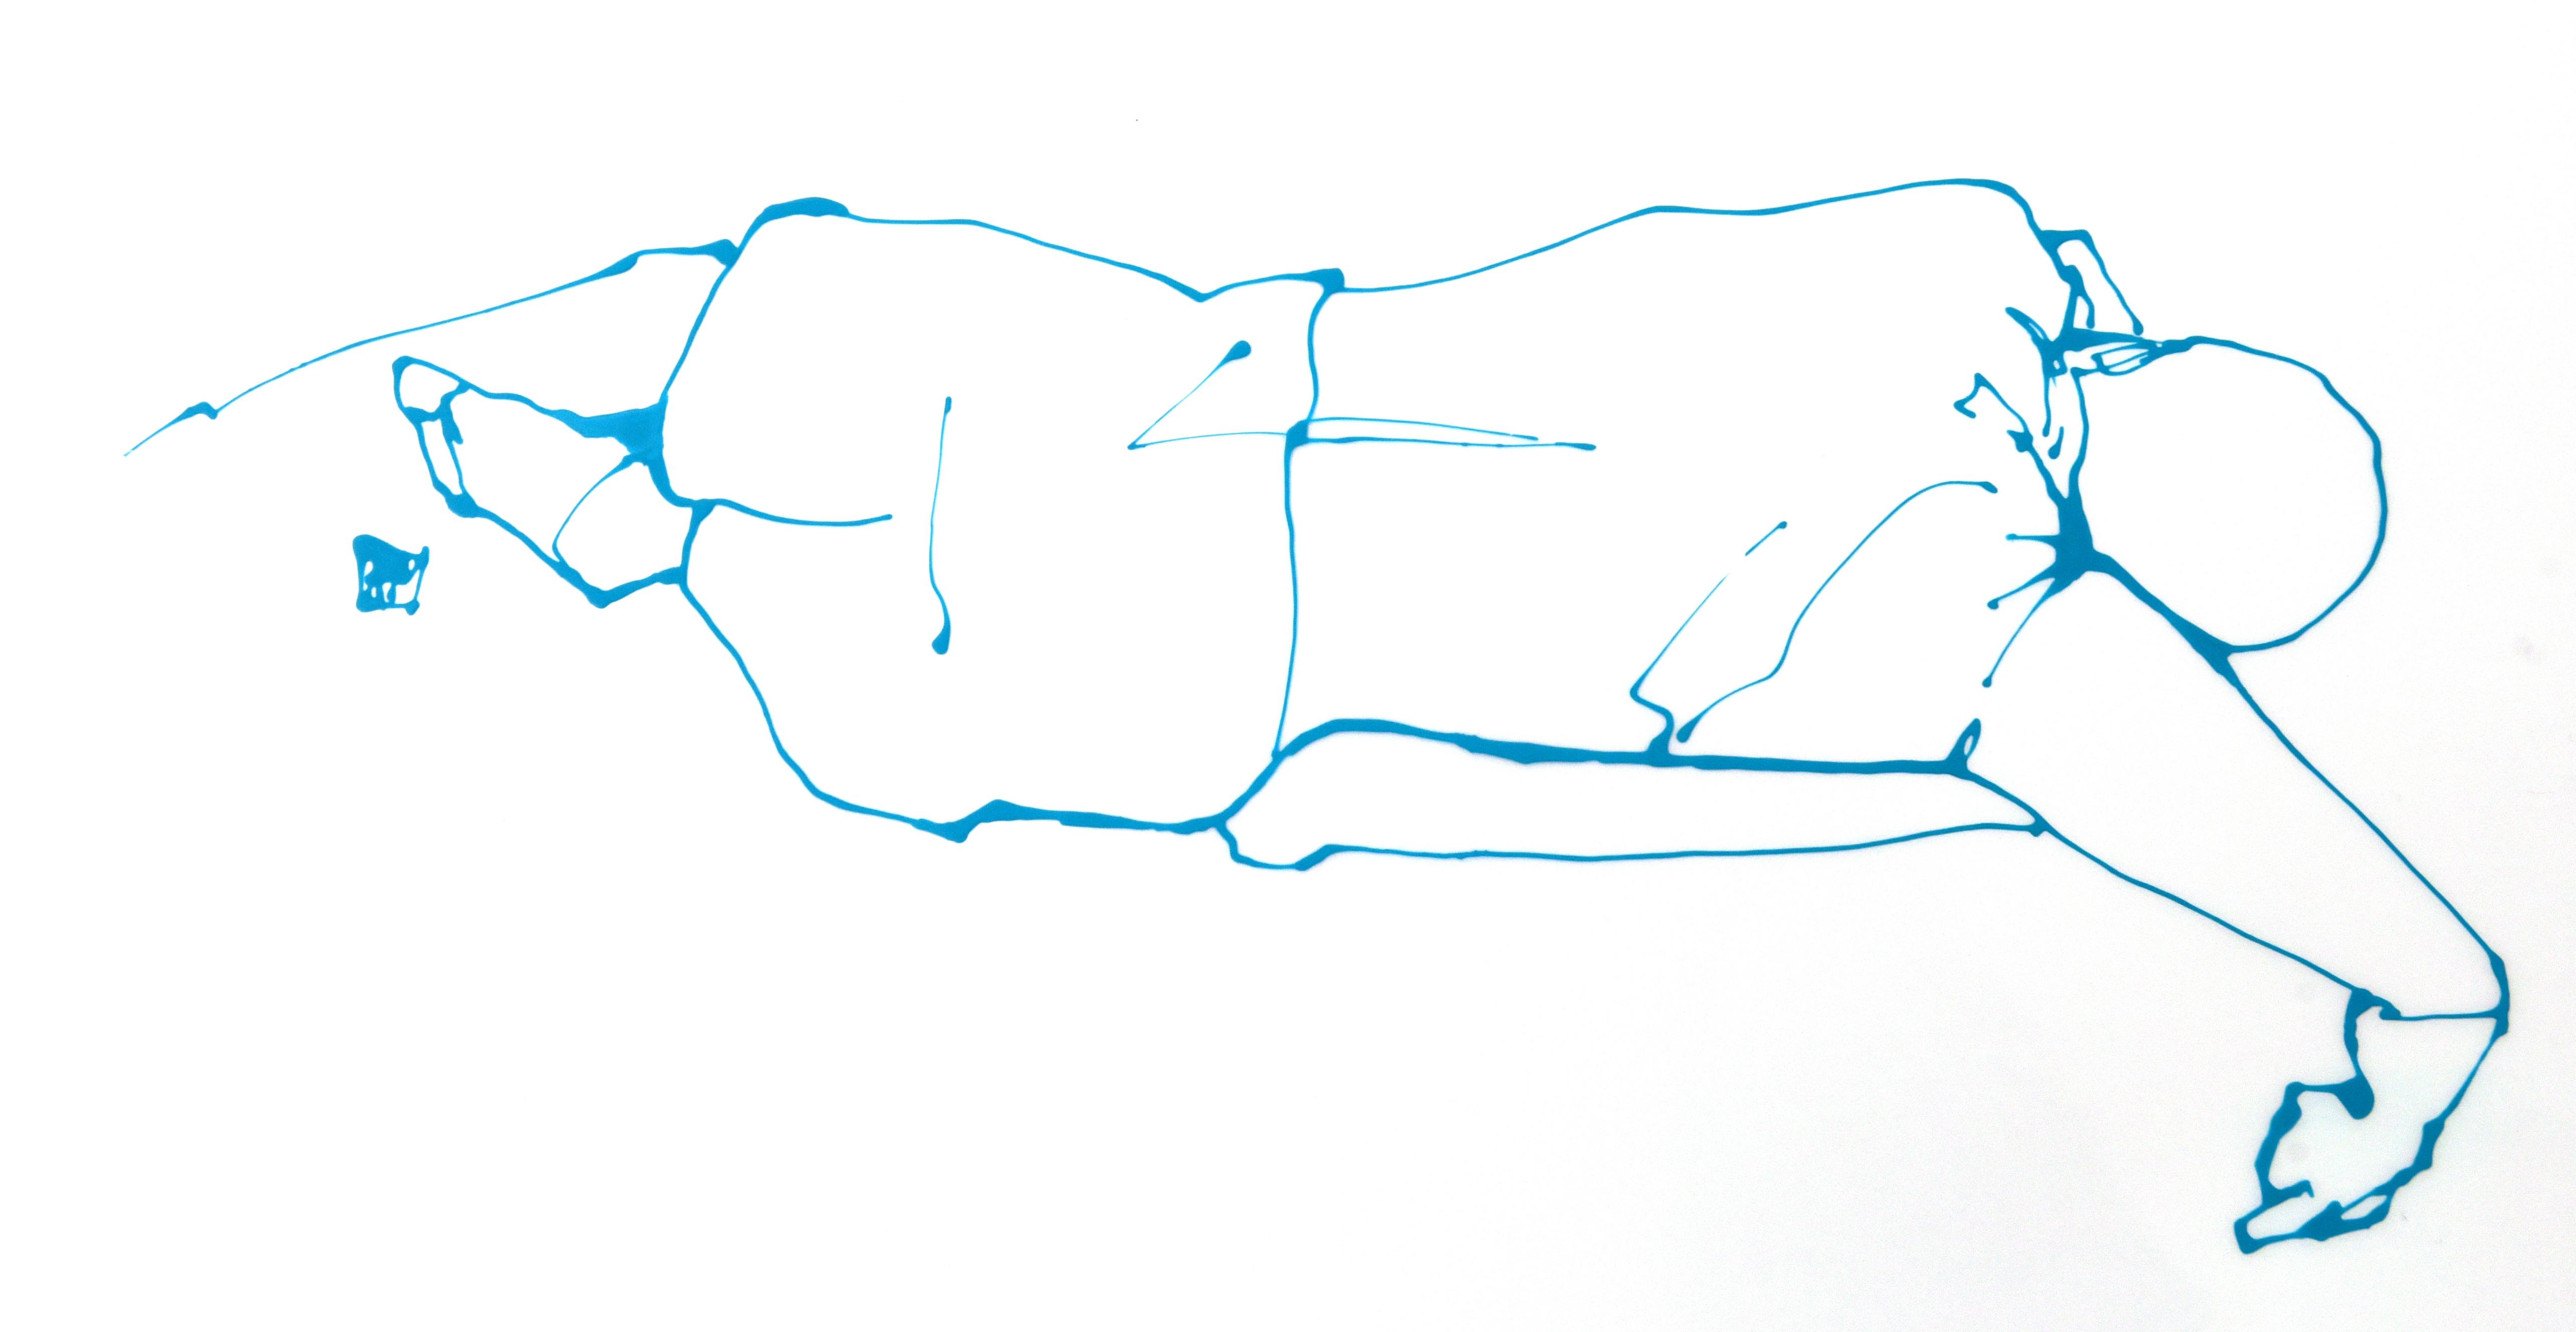 Sprawl (Liquid acrylic on Mylar)